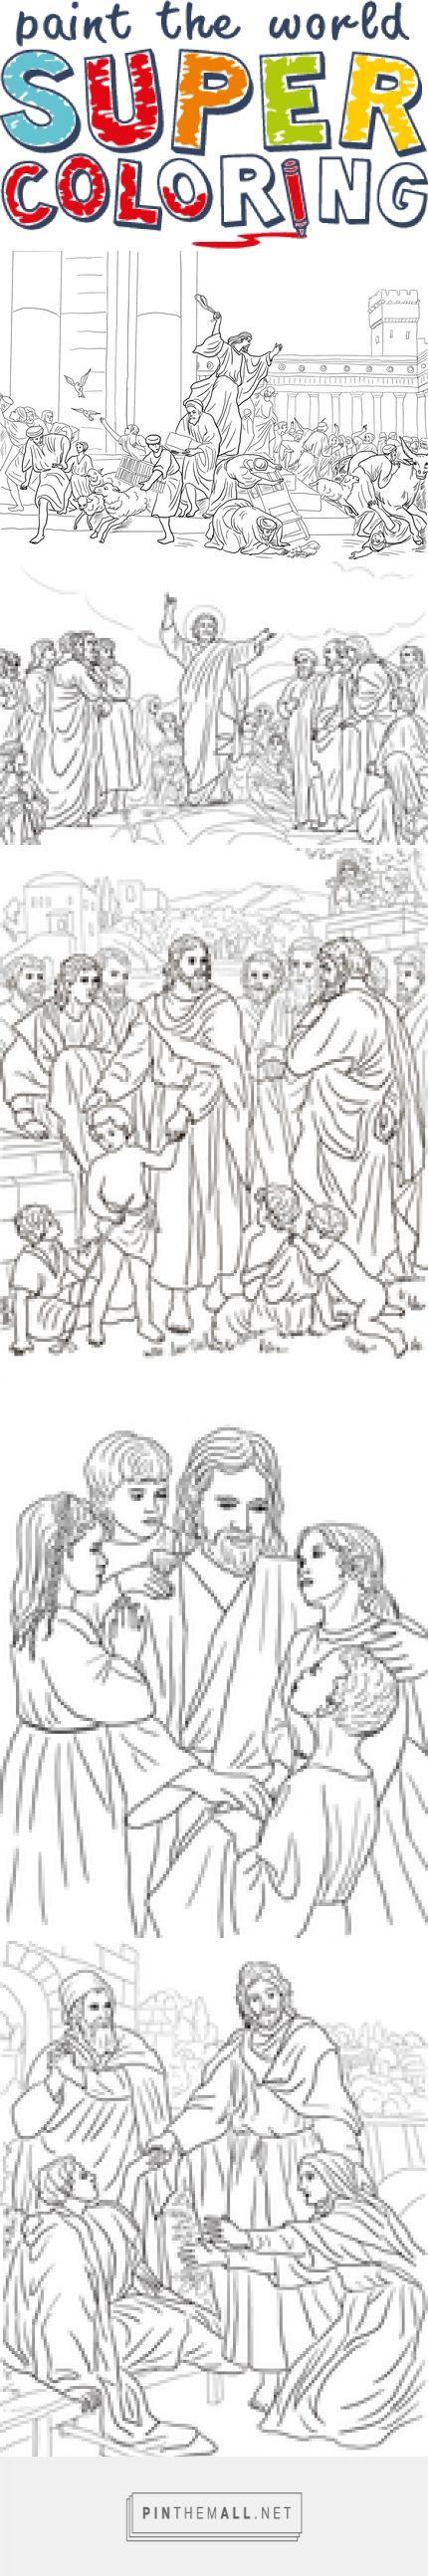 sabbath coloring pages - 721 best images about sabbath school kids stuff on pinterest